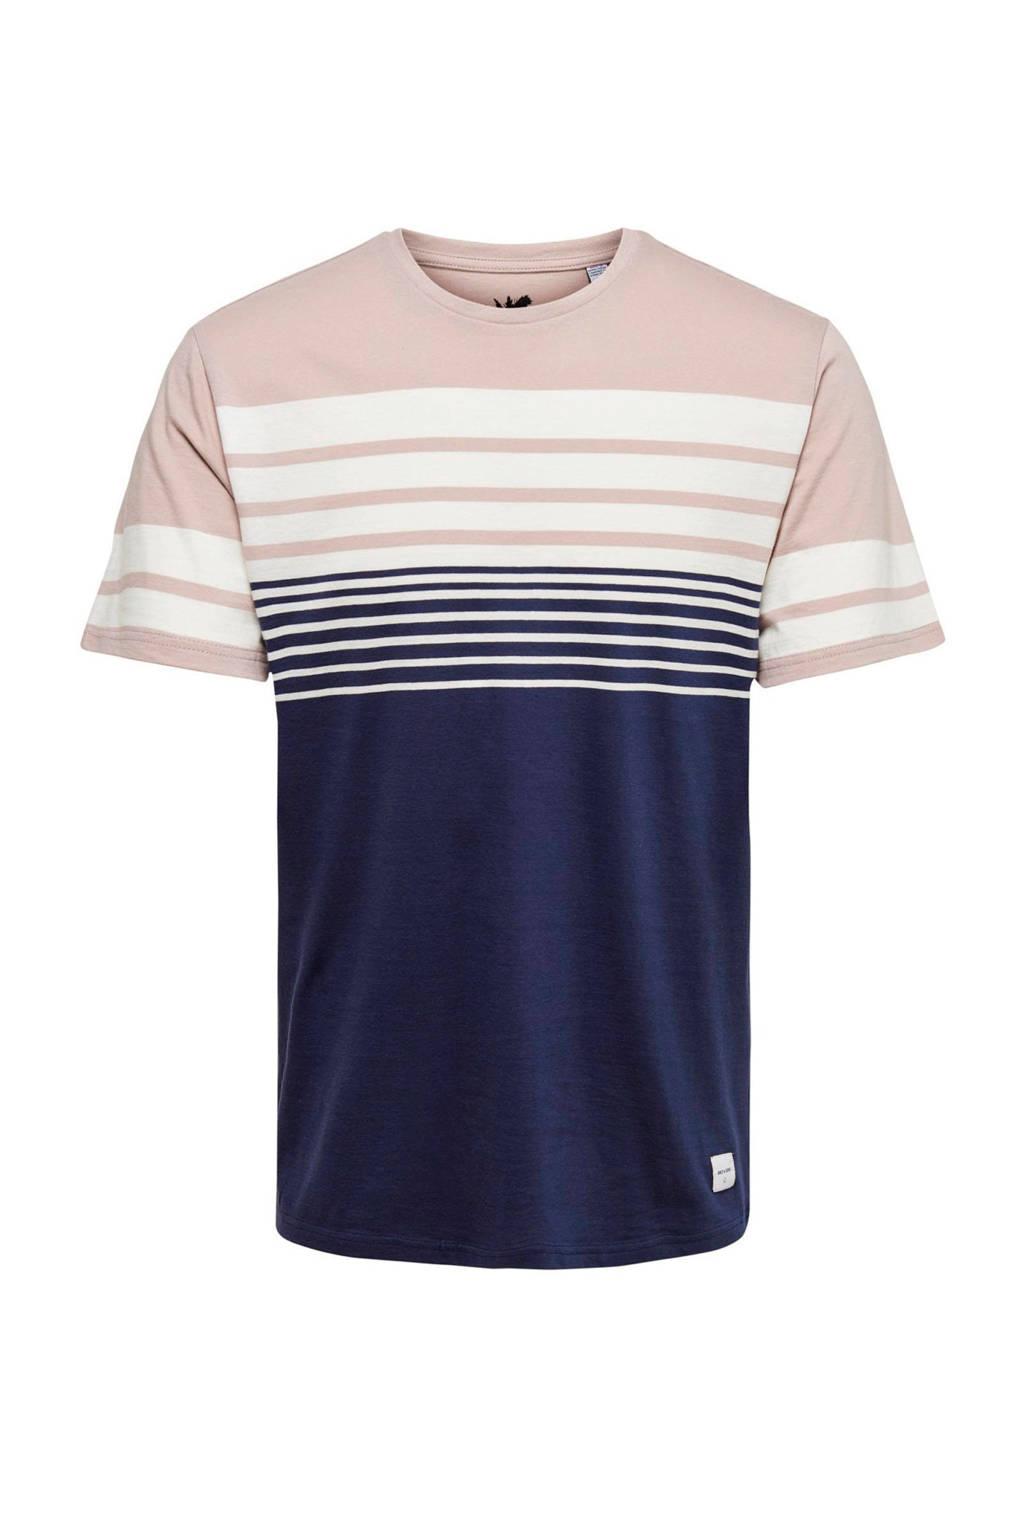 Only & Sons T-shirt met strepen violet, Violet